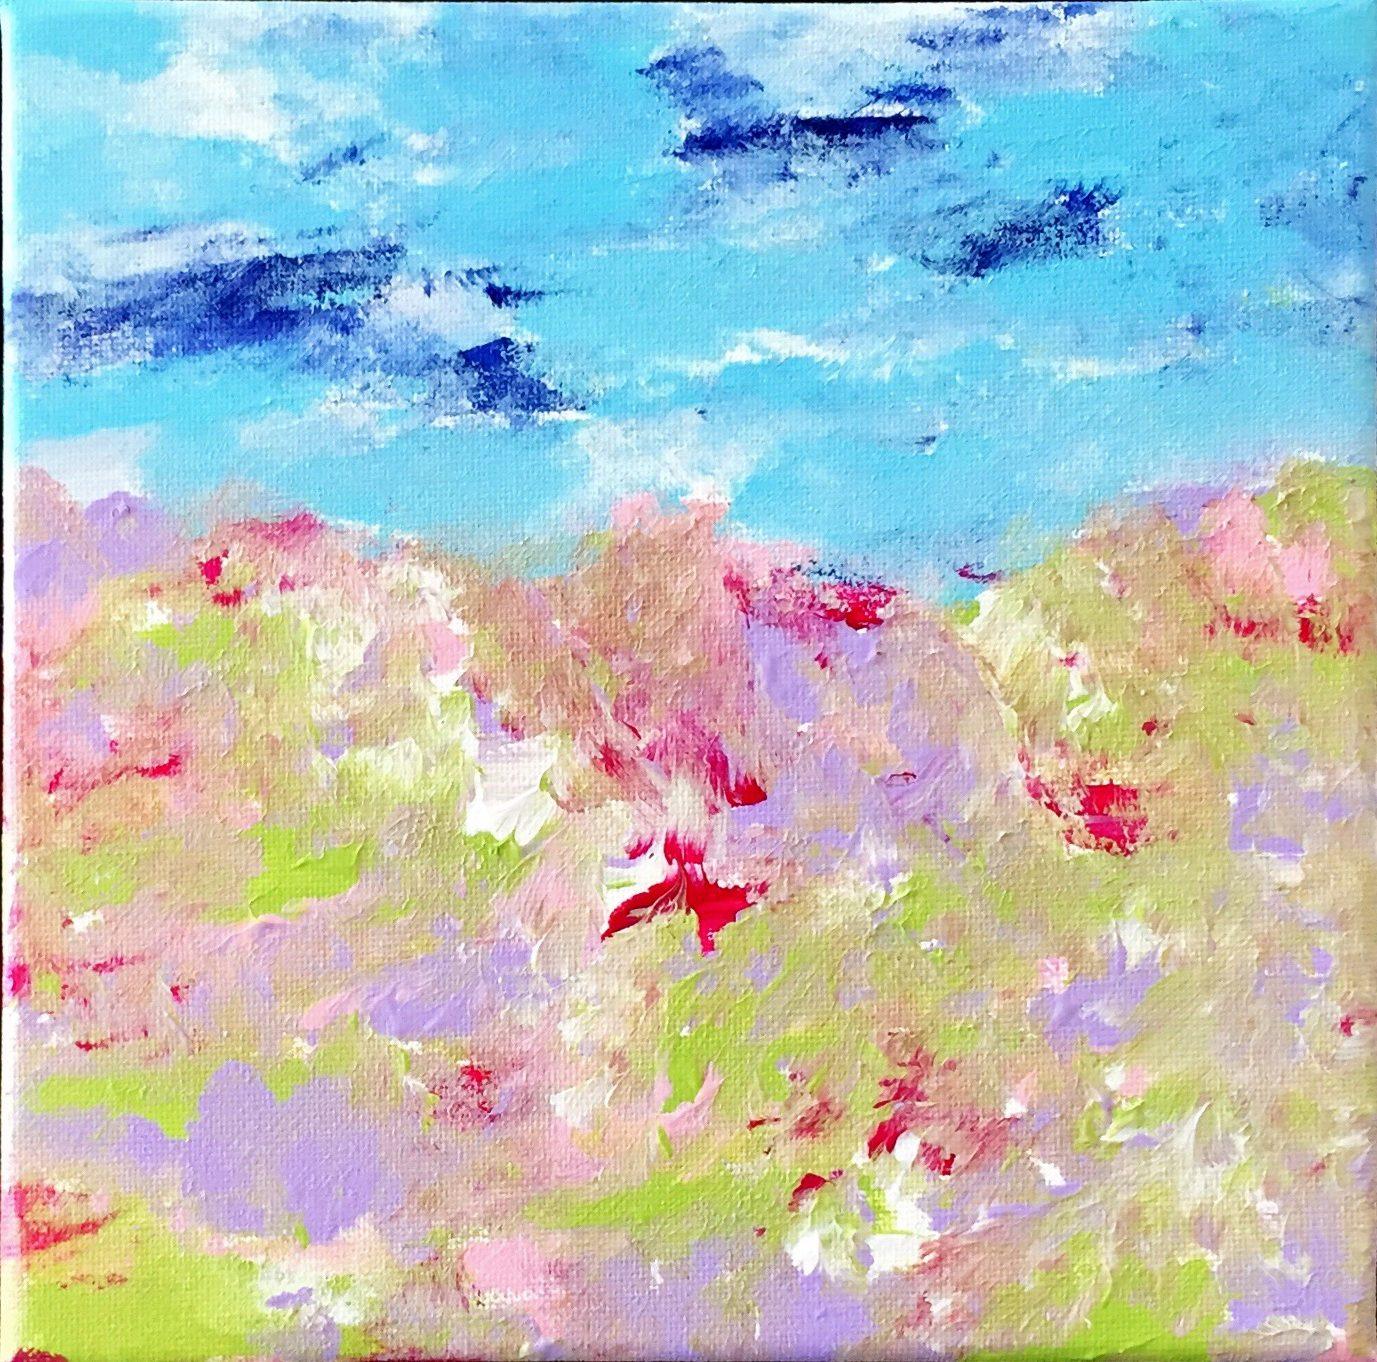 Bild Malerei Kunstwerk SoulArtist Julia Merkt Blumenmeer Blumenwiese Sommertraum